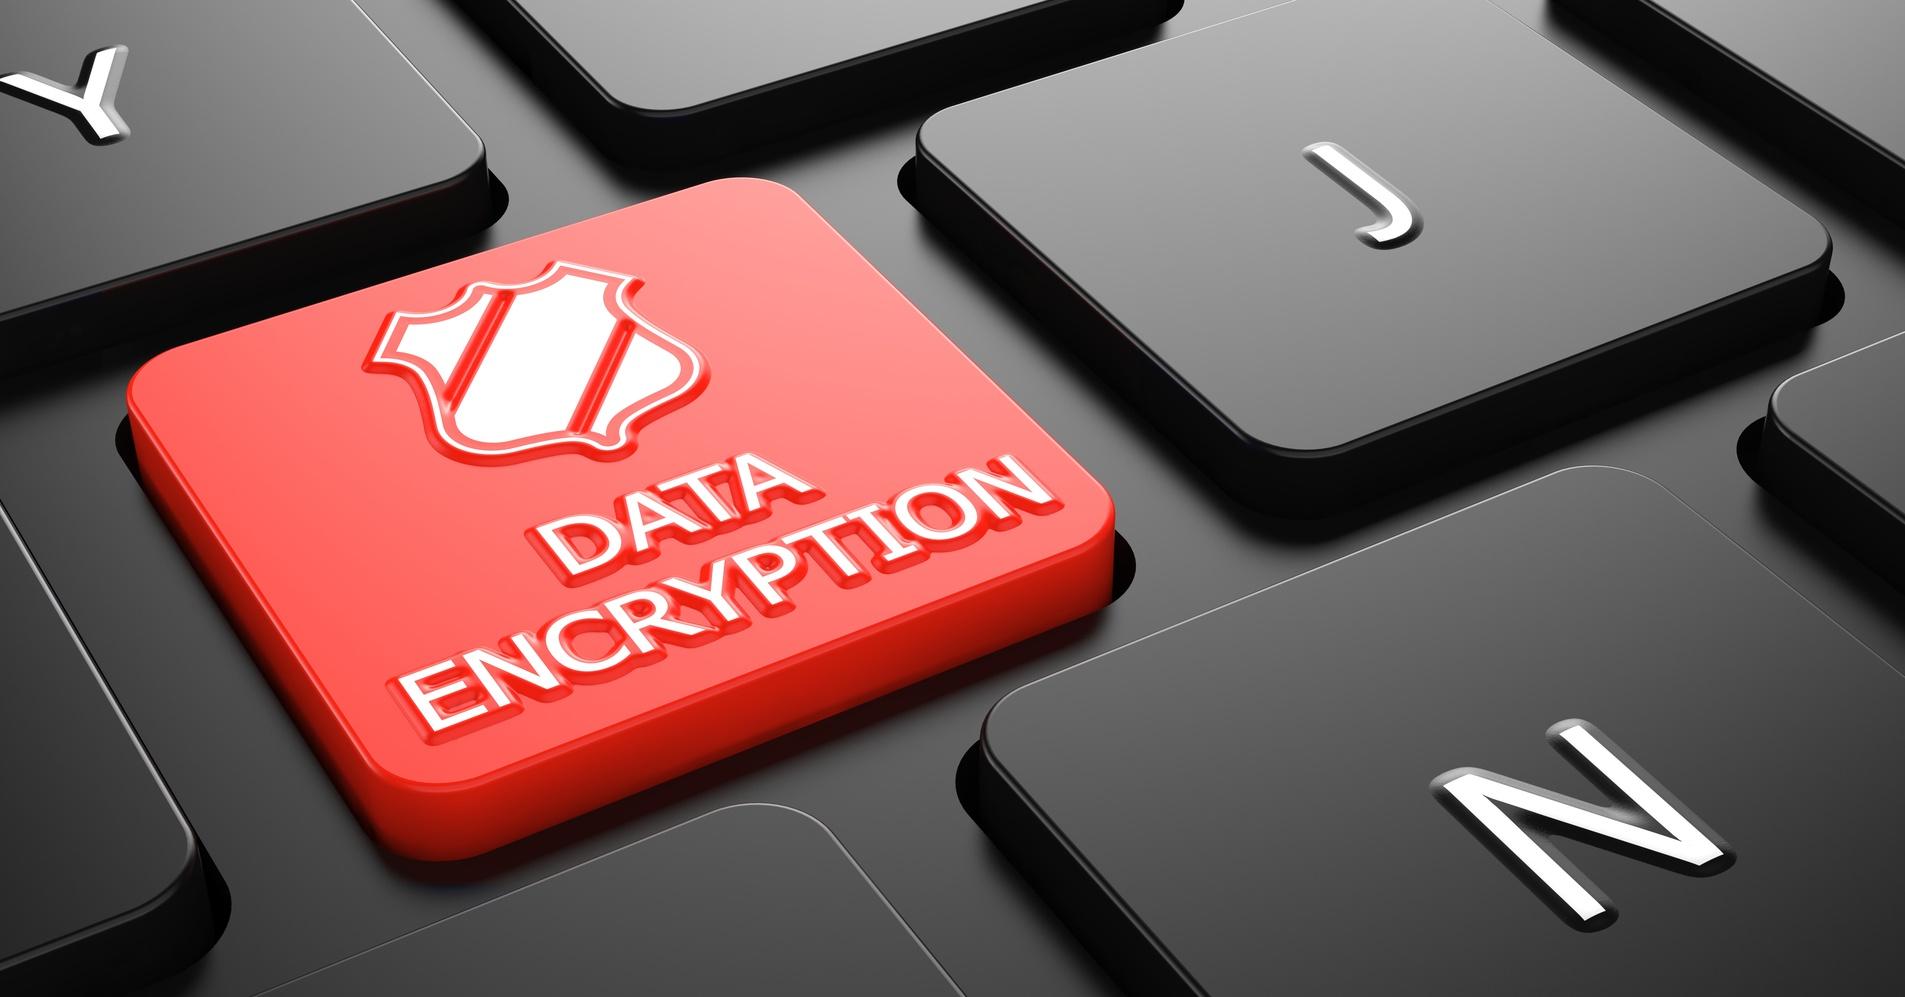 75-latek dorabiał do emerytury na szyfrowaniu cudzych danych ESET danych